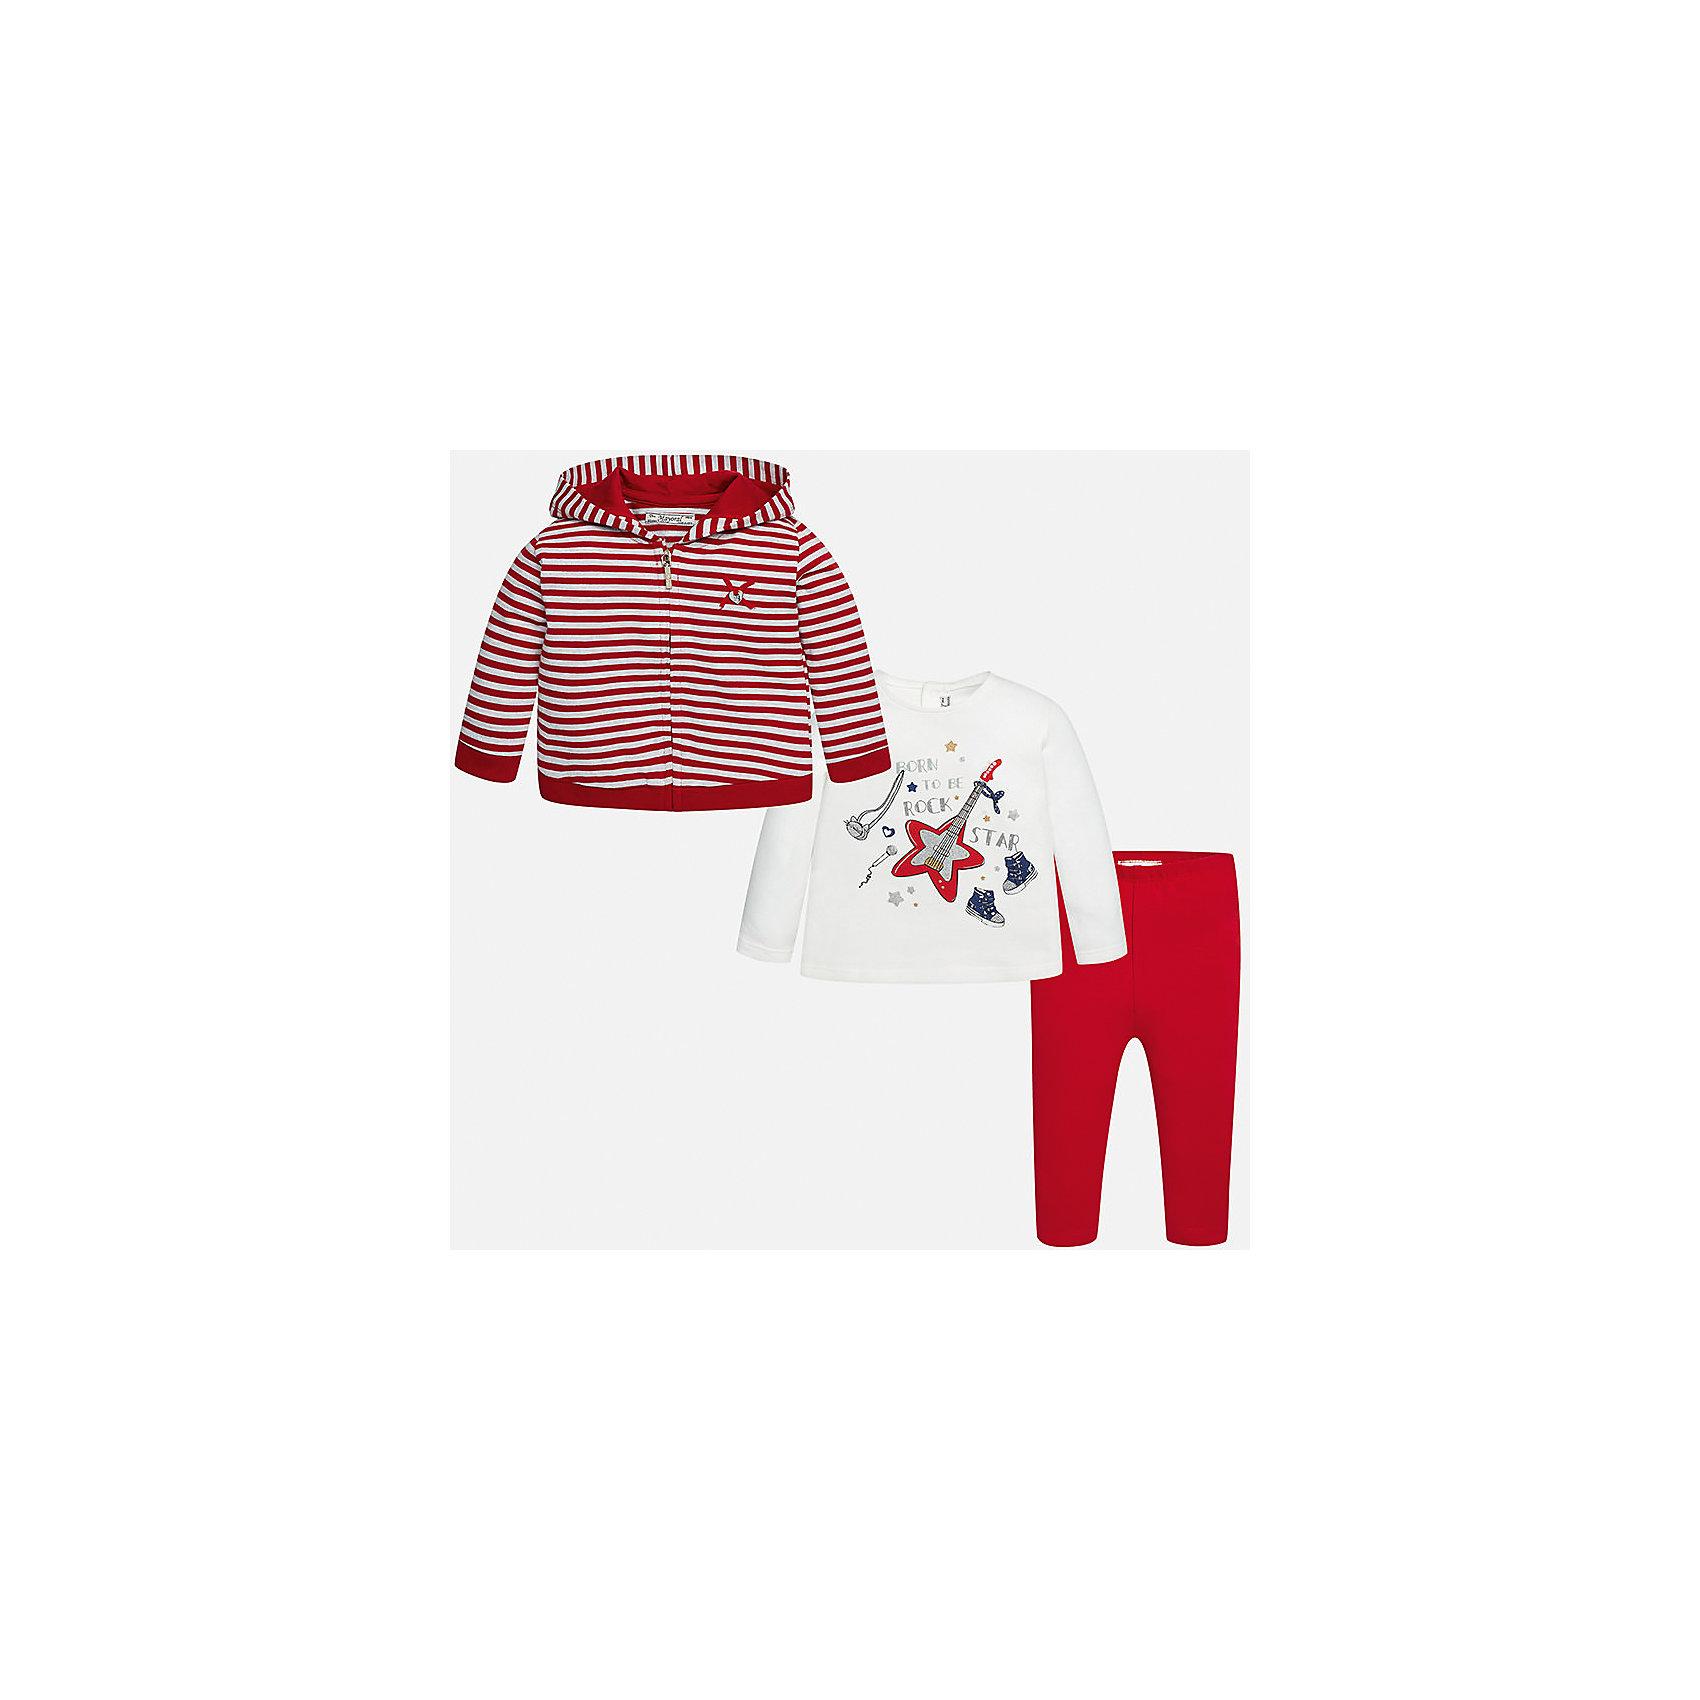 Комплект: жакет, футболка с длинным рукавом и леггинсы Mayoral для девочкиКомплекты<br>Характеристики товара:<br><br>• цвет: красный<br>• состав ткани: жакет - 85% хлопок, 15% полиэстер, лонгслив и леггинсы - 92% хлопок, 8% эластан<br>• комплект: жакет, лонгслив и леггинсы<br>• сезон: демисезон<br>• особенности: принт<br>• пояс: резинка<br>• длинные рукава<br>• застежка: кнопки, молния<br>• страна бренда: Испания<br>• страна изготовитель: Индия<br><br>Благодаря продуманному крою одежда Майорал создает комфортные условия во время прогулки. Леггинсы для девочки отличаются классическим дизайном. Такой детский комплект из толстовки, лонгслива и леггинсов для девочки сделан из плотного приятного на ощупь материала. <br><br>Комплект: жакет, лонгслив и леггинсы для девочки Mayoral (Майорал) можно купить в нашем интернет-магазине.<br><br>Ширина мм: 123<br>Глубина мм: 10<br>Высота мм: 149<br>Вес г: 209<br>Цвет: красный<br>Возраст от месяцев: 6<br>Возраст до месяцев: 9<br>Пол: Женский<br>Возраст: Детский<br>Размер: 74,98,92,86,80<br>SKU: 6920446